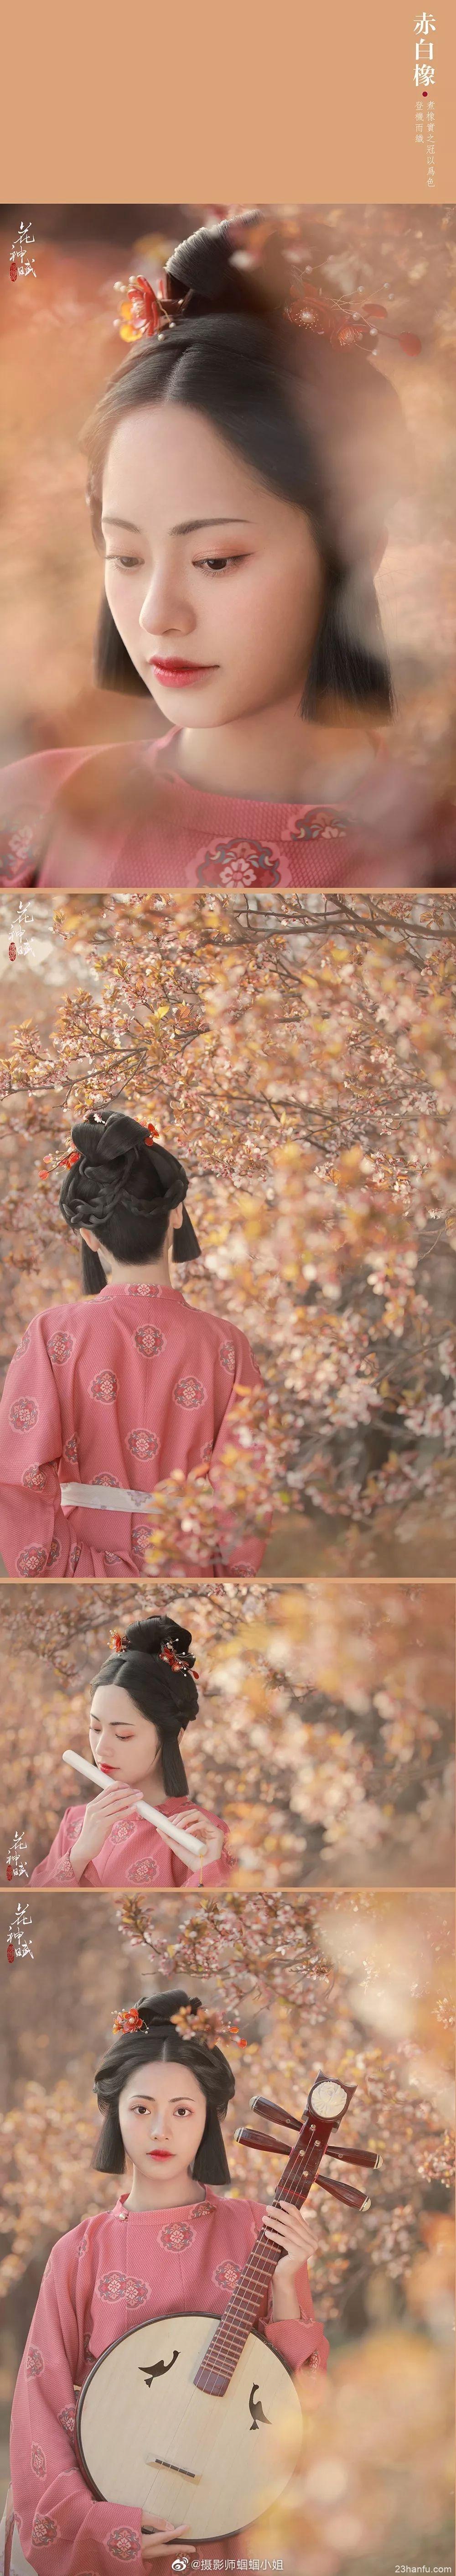 【汉服摄影】十位汉服美人演绎最美中国色